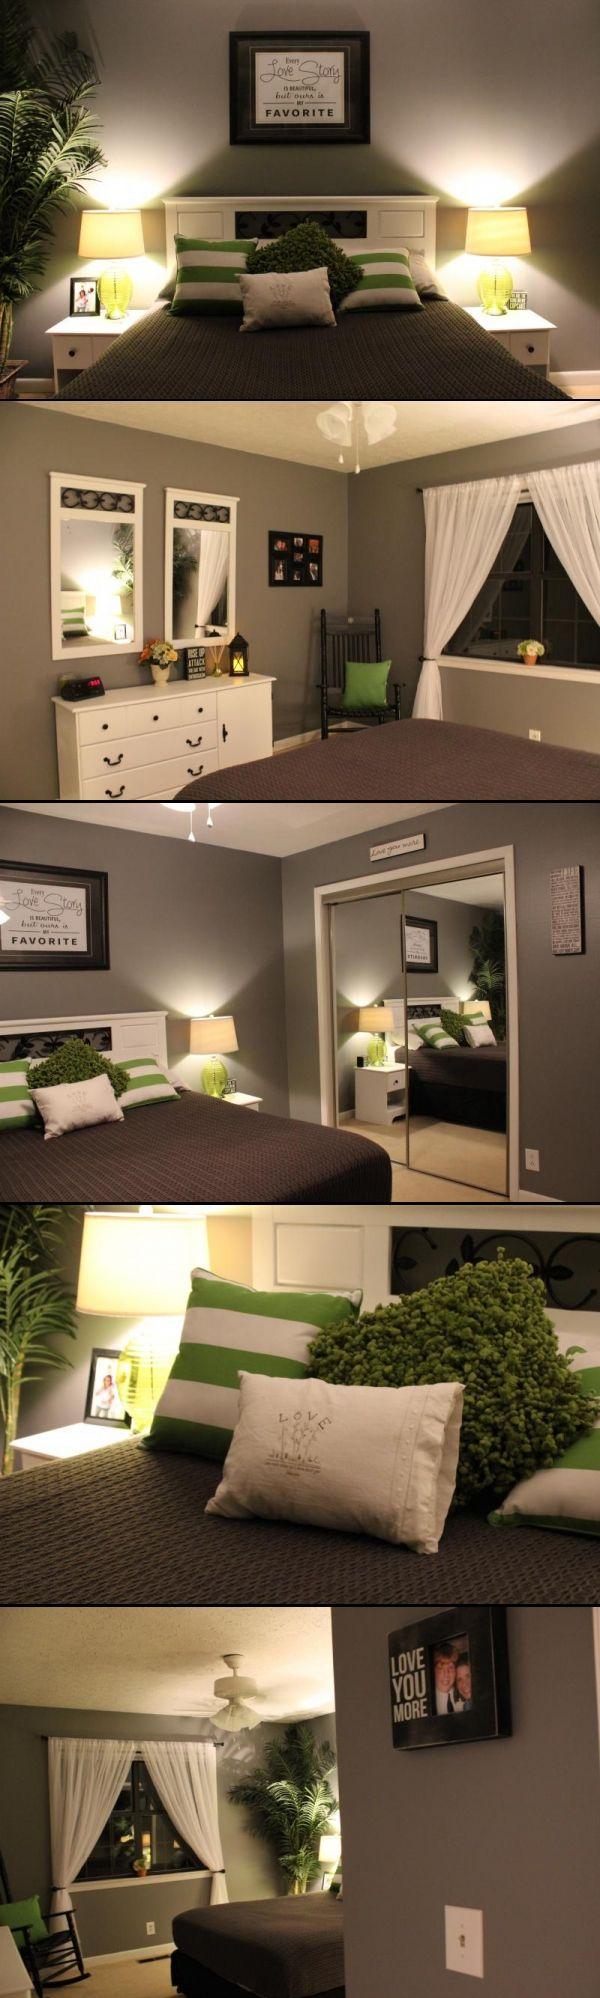 Bedroom Makeover Reveal B H Remodel Bedroom Design Your